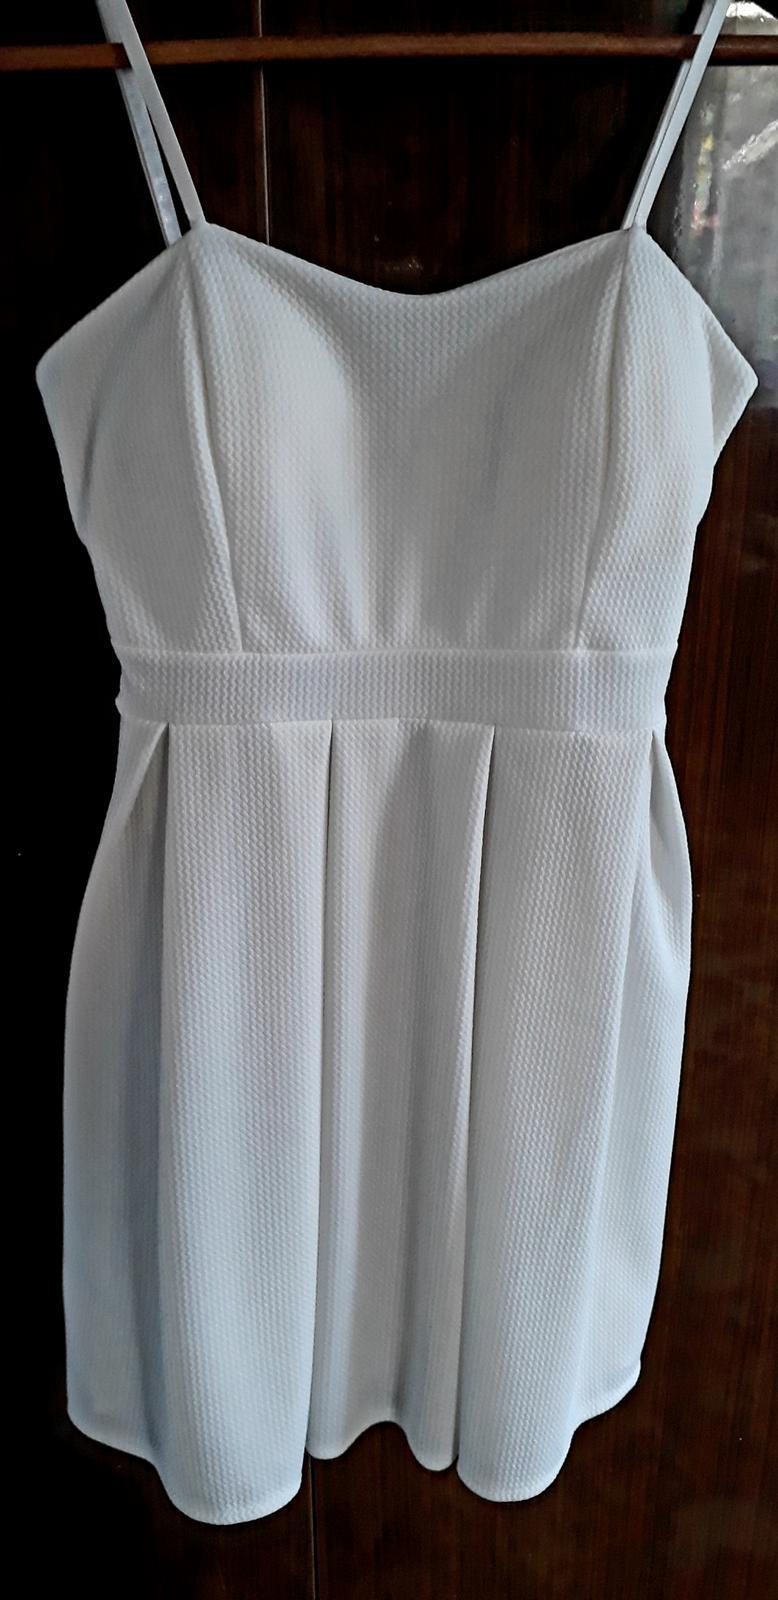 Světlé smetanové šaty vel. xs-s - Obrázek č. 1